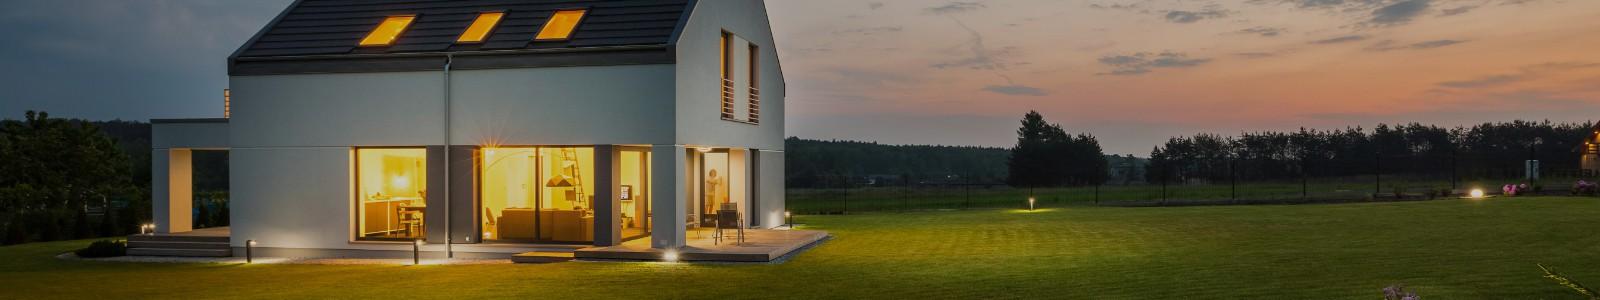 Projekty Domów Z Werandą | Gotowe Projekty